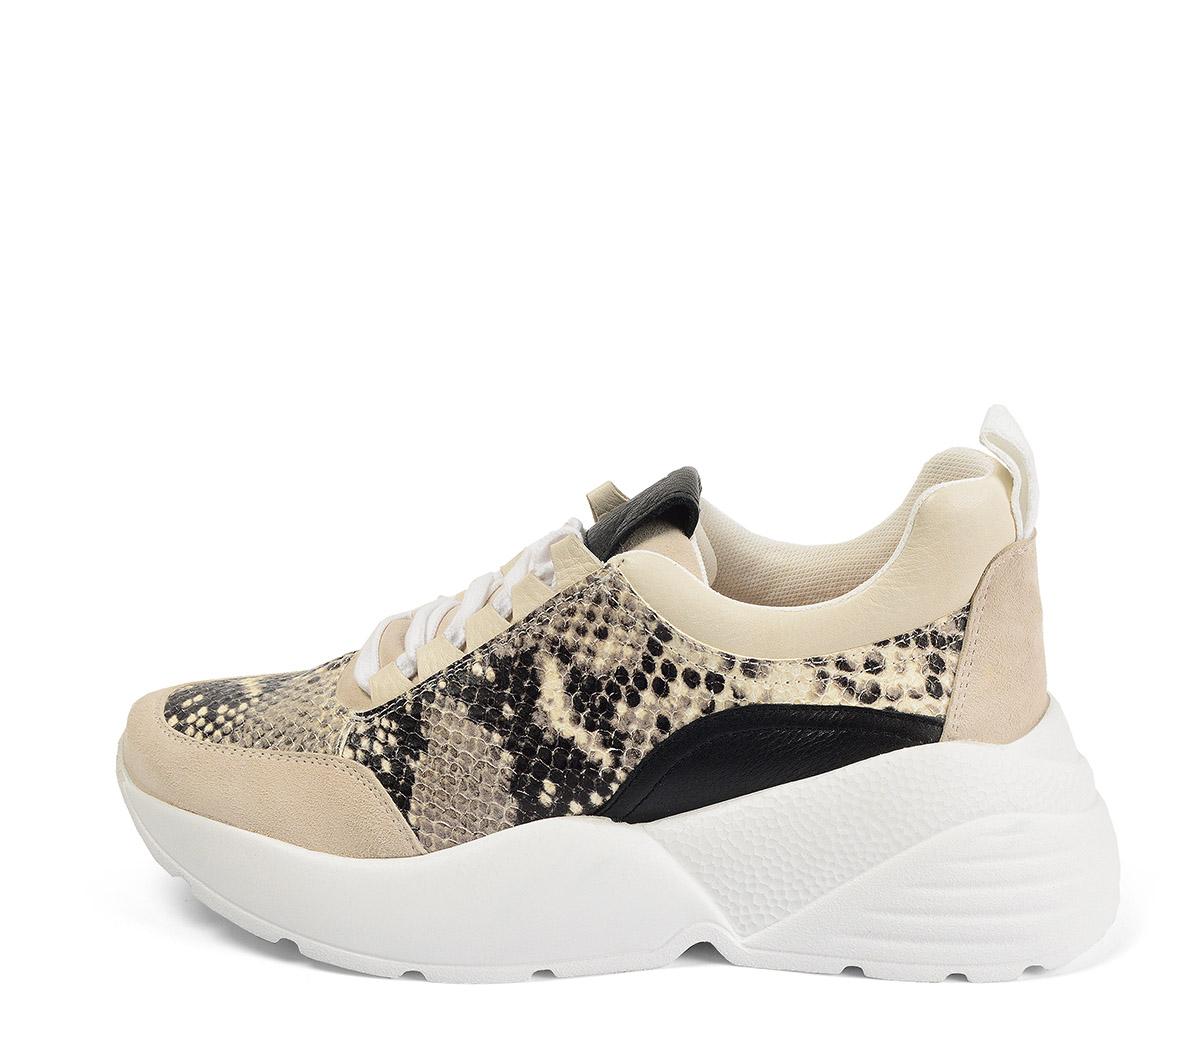 Ref. 4204 Sneaker serraje beige con piel grabado serpiente. Cordones blancos.